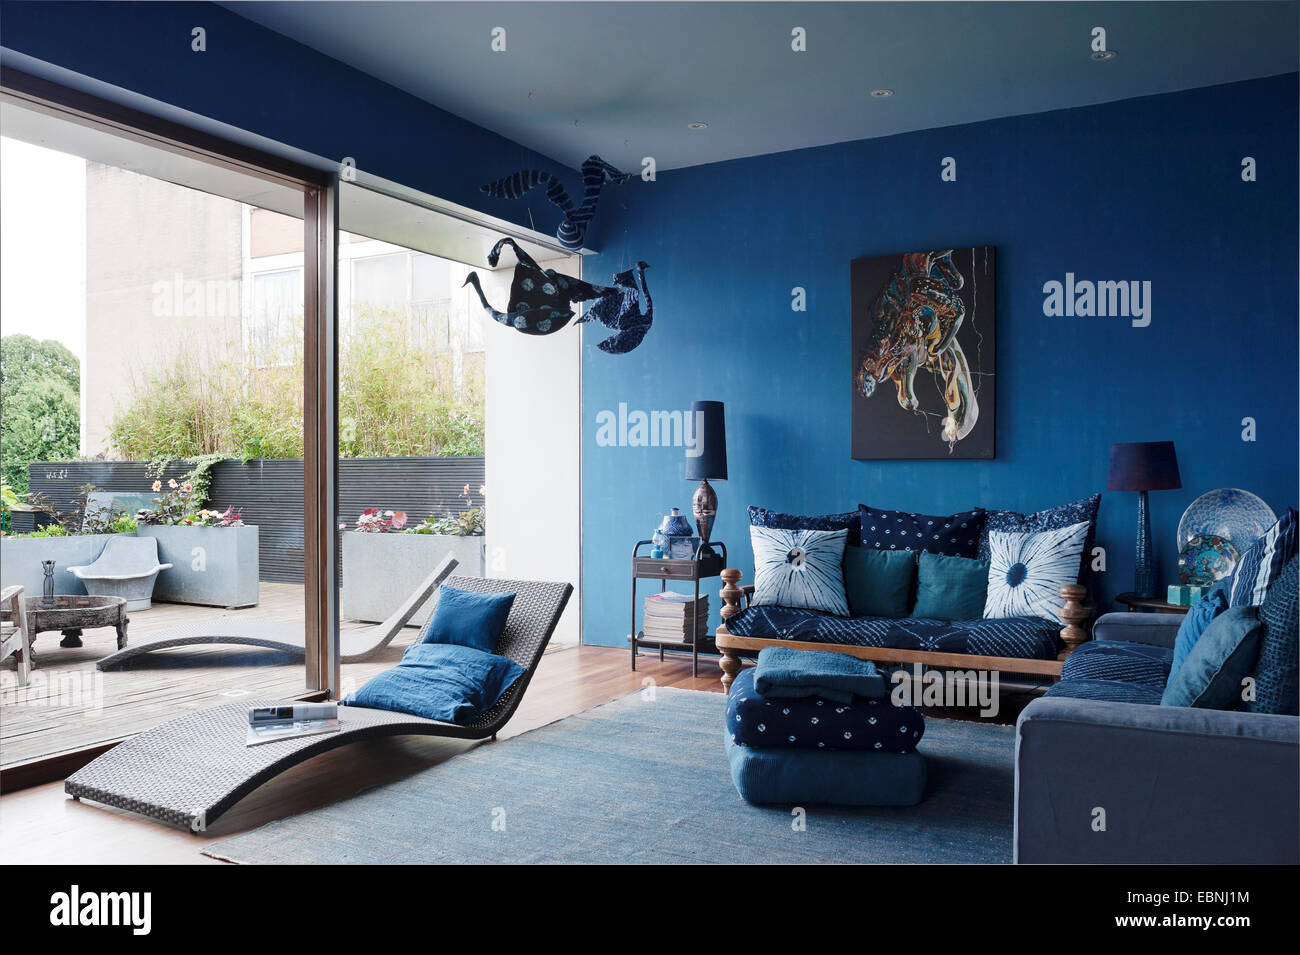 Blauen Wohnzimmer Mit Französischen Fenstern. Das Sofa Auf Der Rechten  Seite Ist Von Ikea, Die Pool Liege Aus Fliegen In Frankreich Und Das  Artwork Von